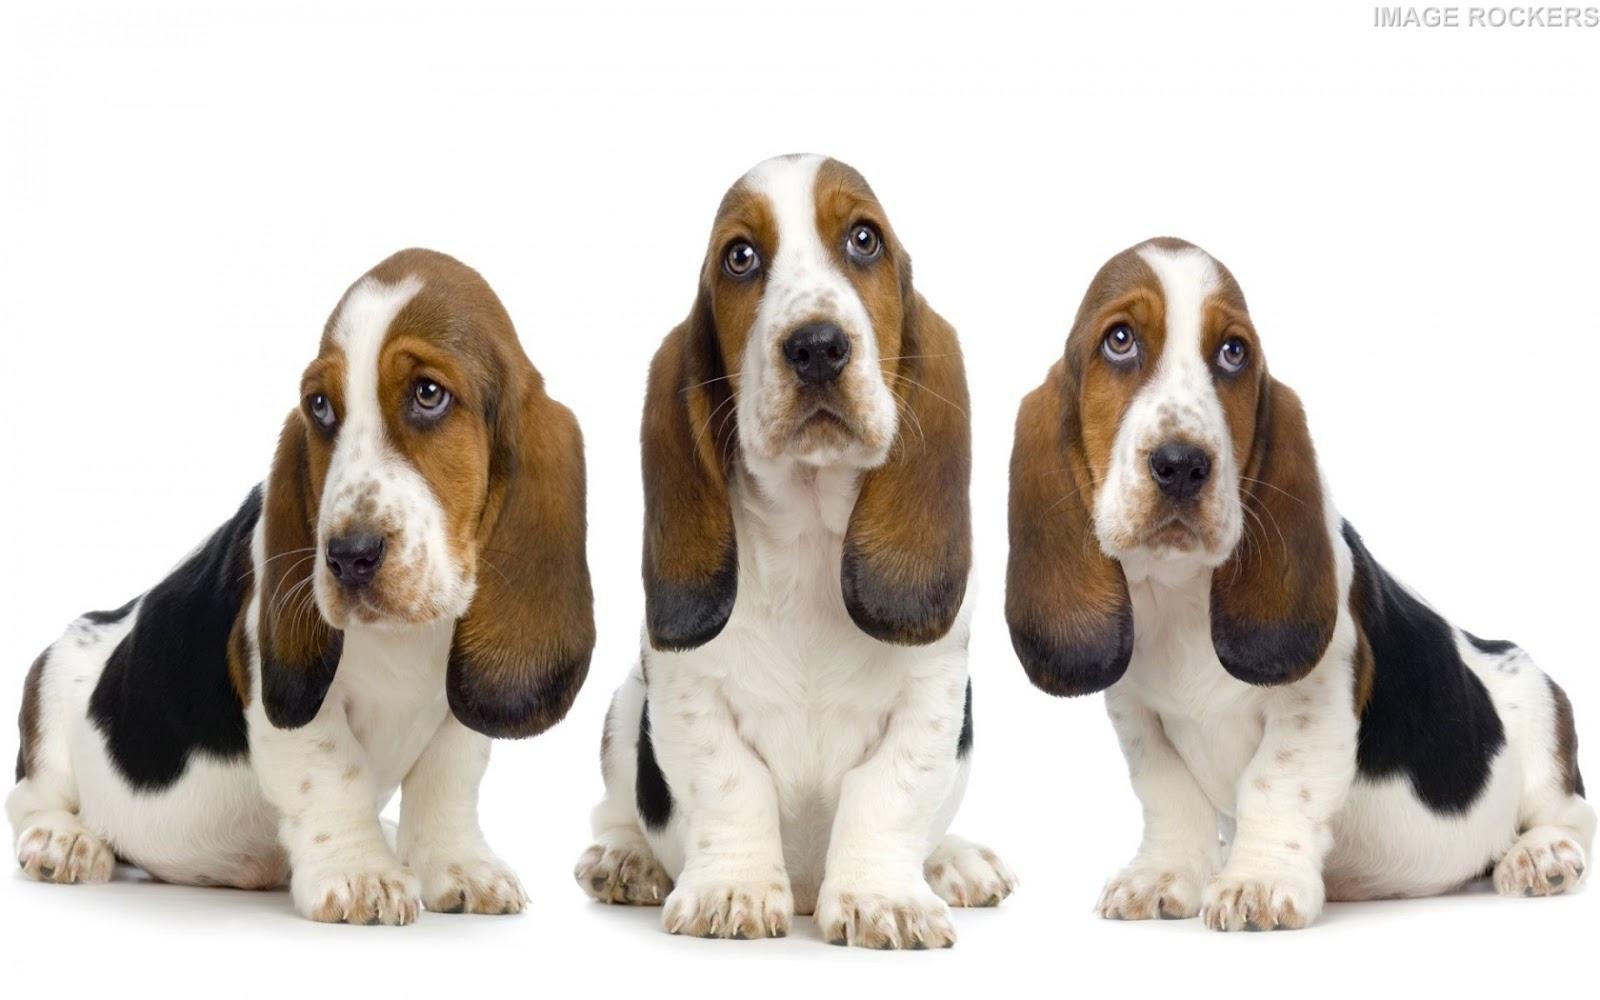 basset hound puppies wallpaper - photo #15